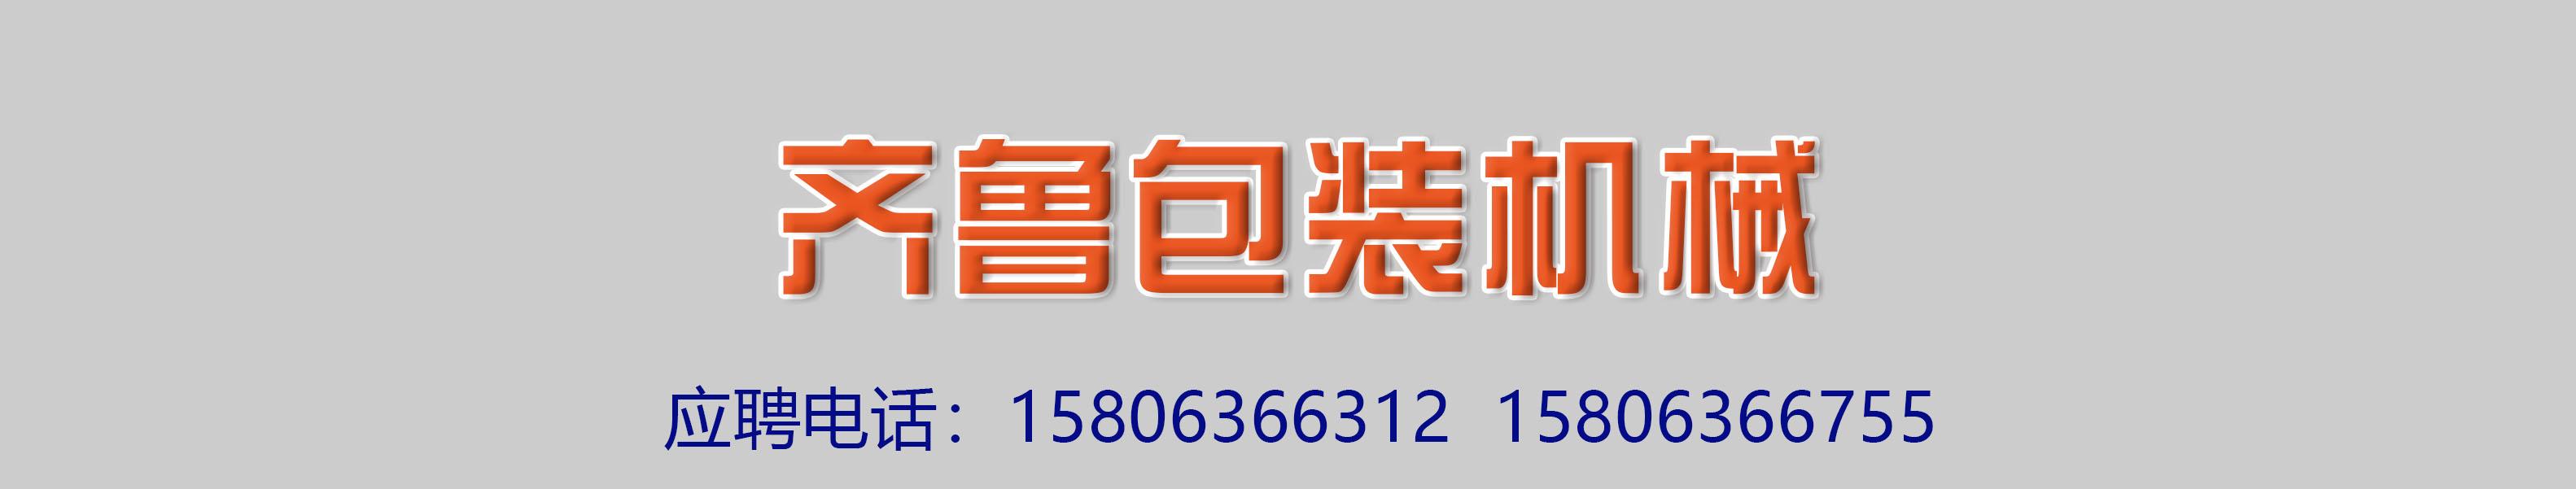 青州齊魯包裝機械有限公司